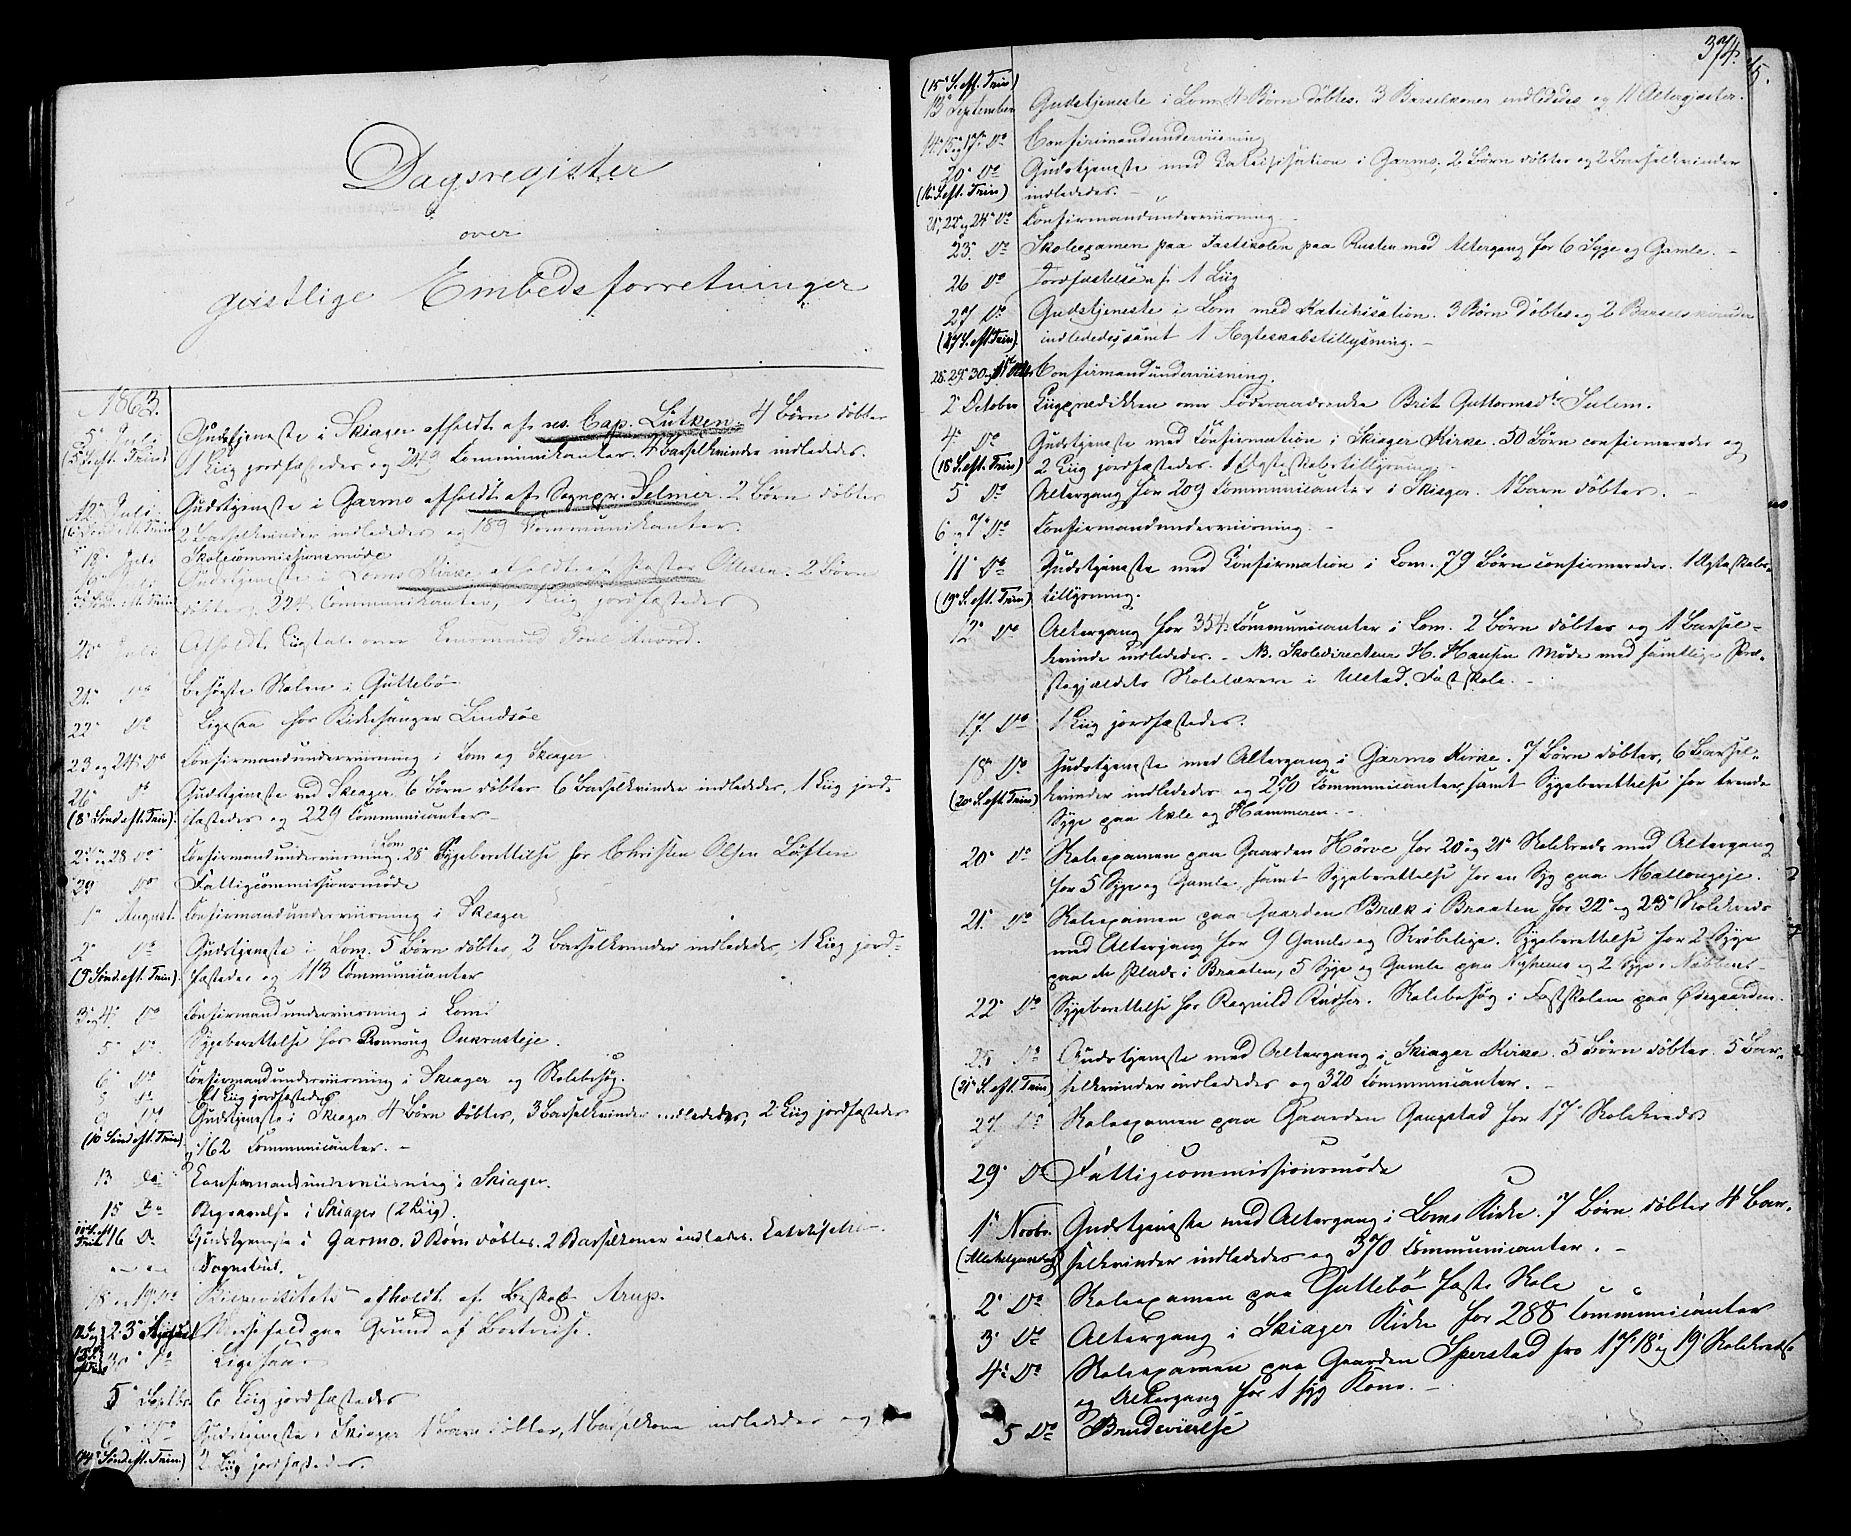 SAH, Lom prestekontor, K/L0007: Ministerialbok nr. 7, 1863-1884, s. 374